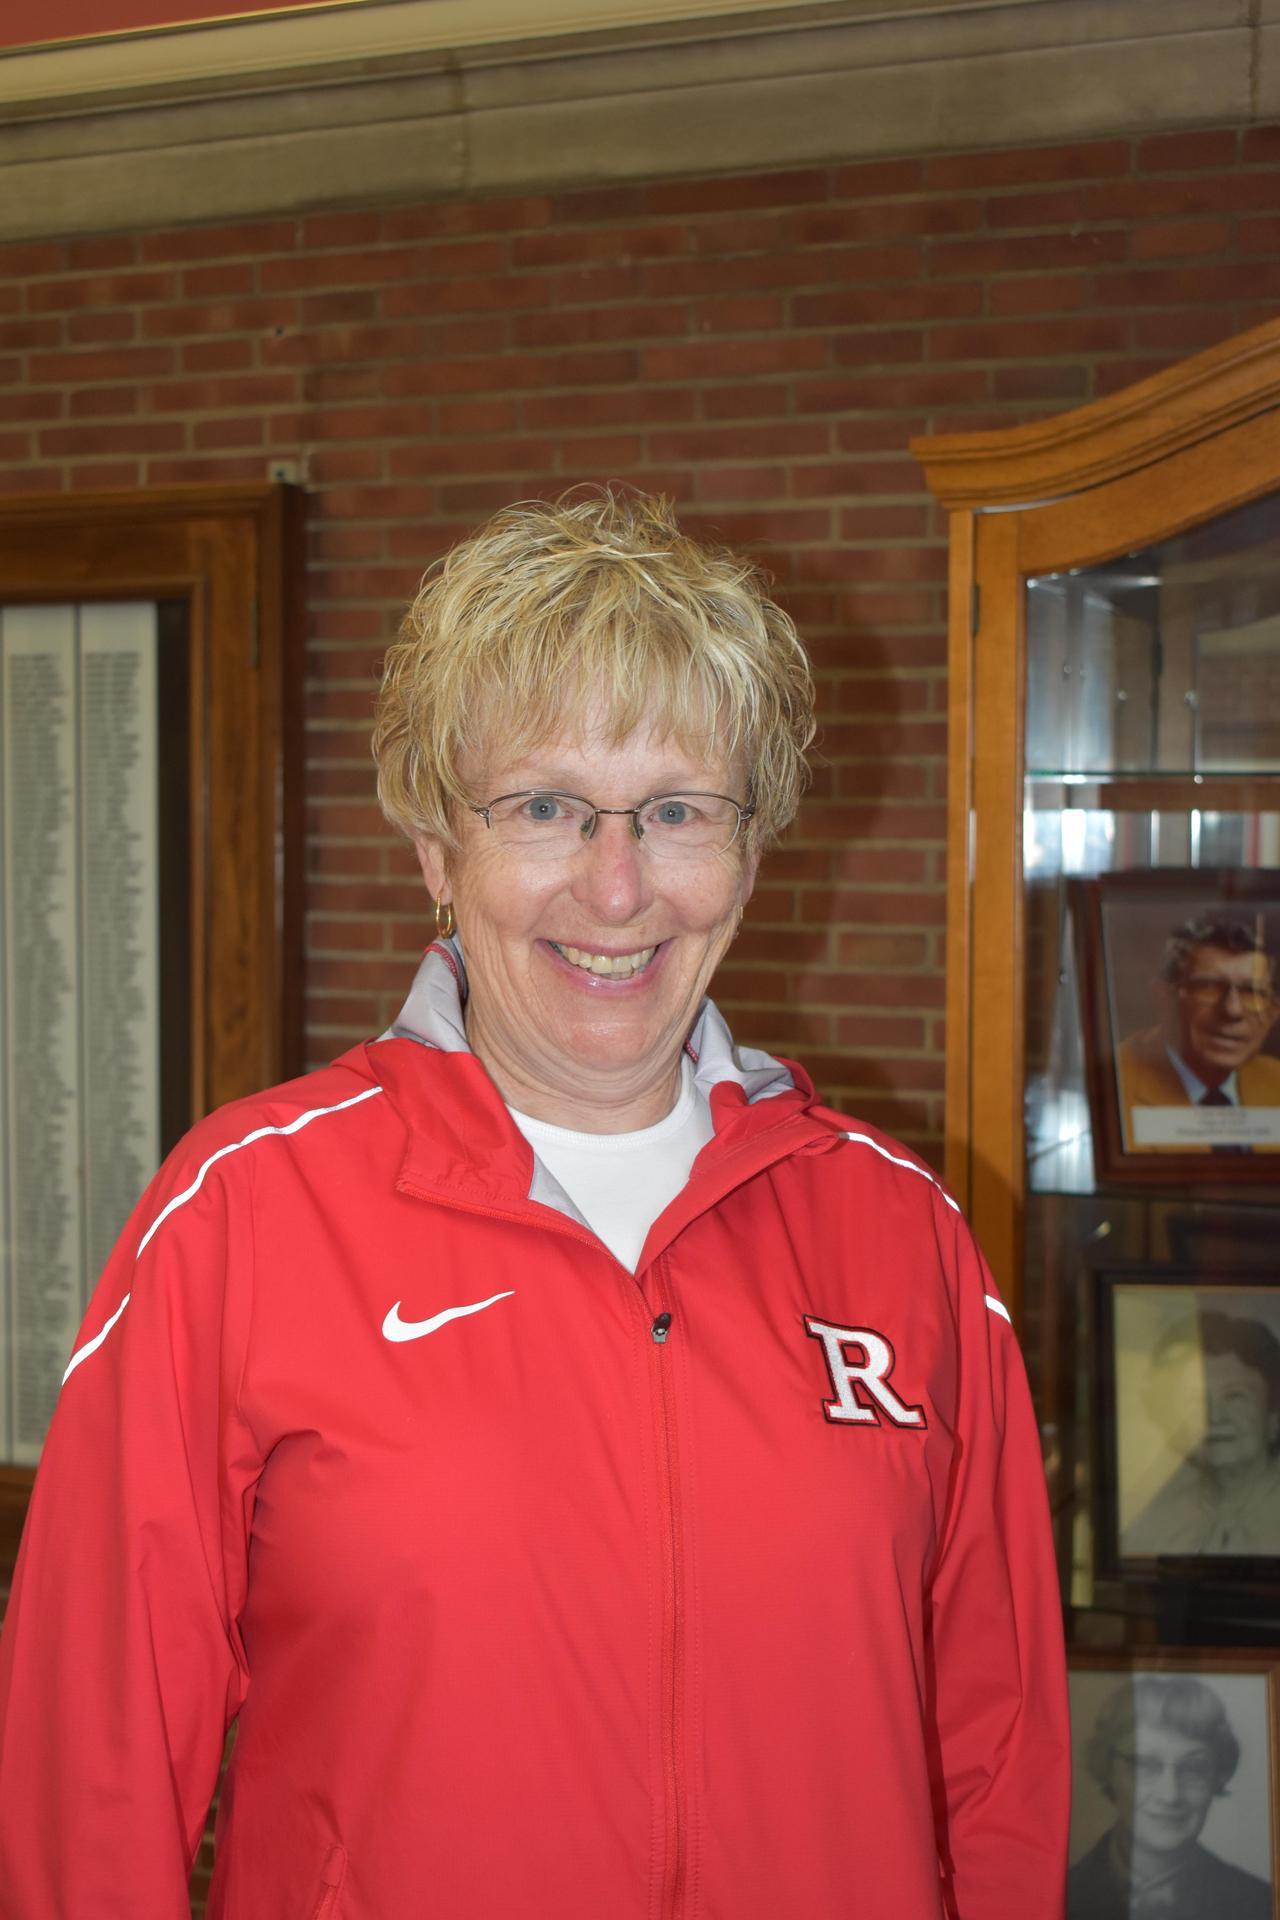 RHS Principal Ms. Rae Woolpy